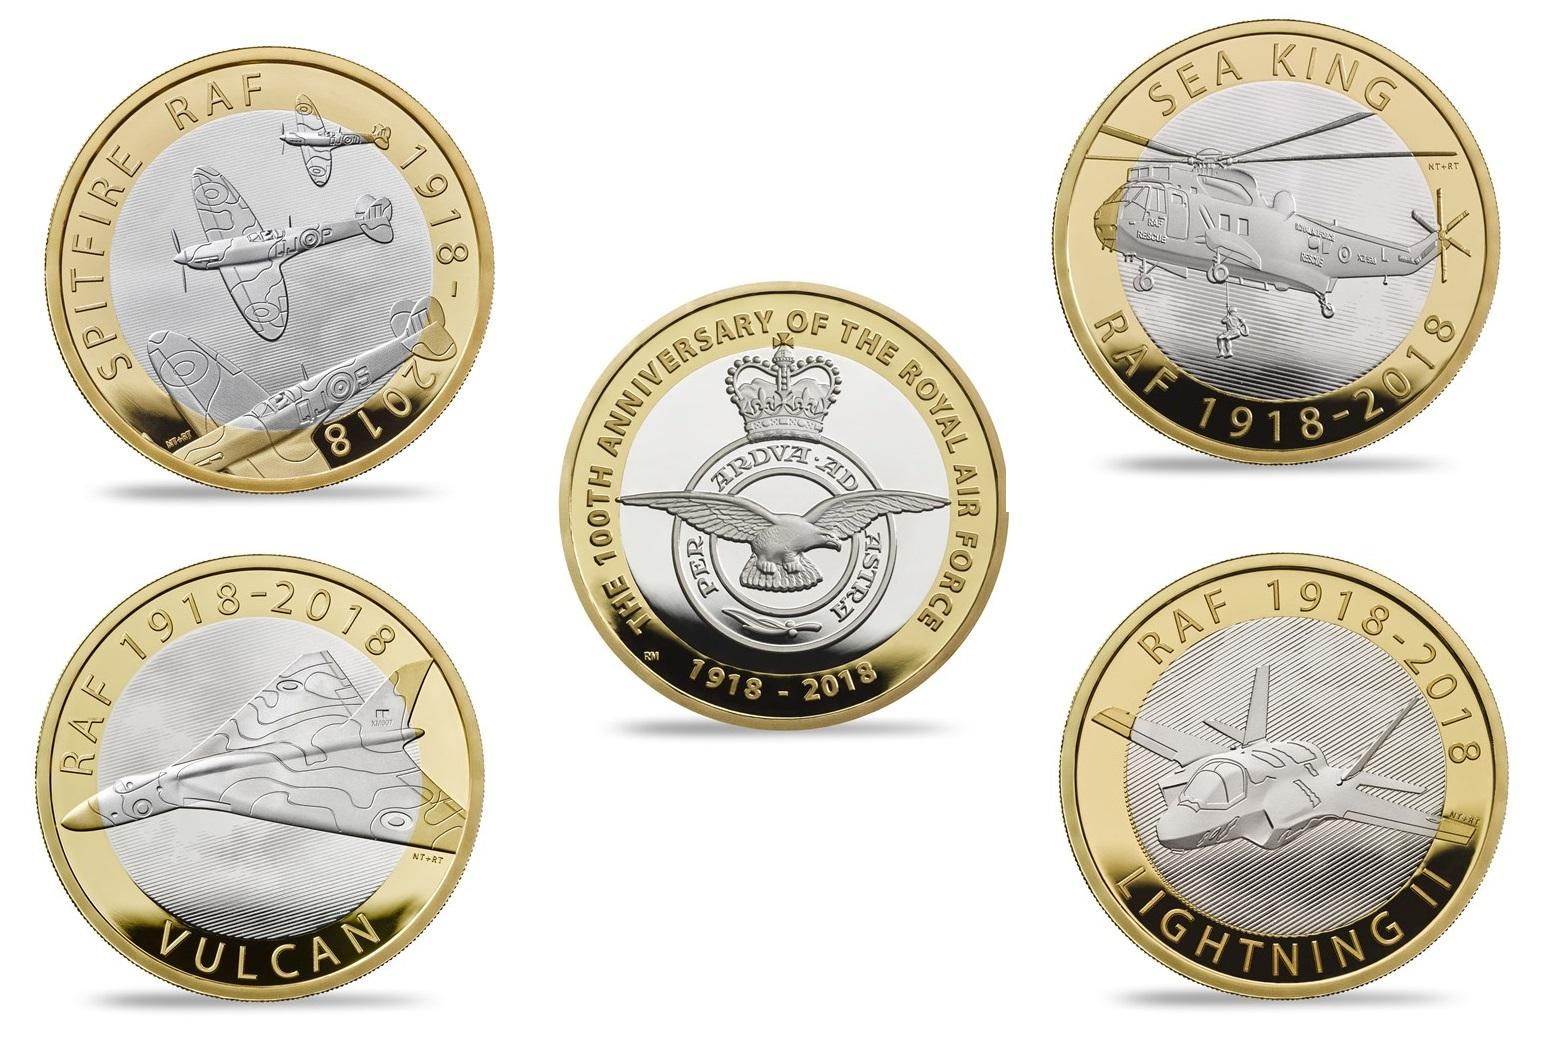 Ecco i rovesci delle cinque monete per i 100 anni della RAF; al dritto, come sempre, l'inossidabile regina Elisabetta II